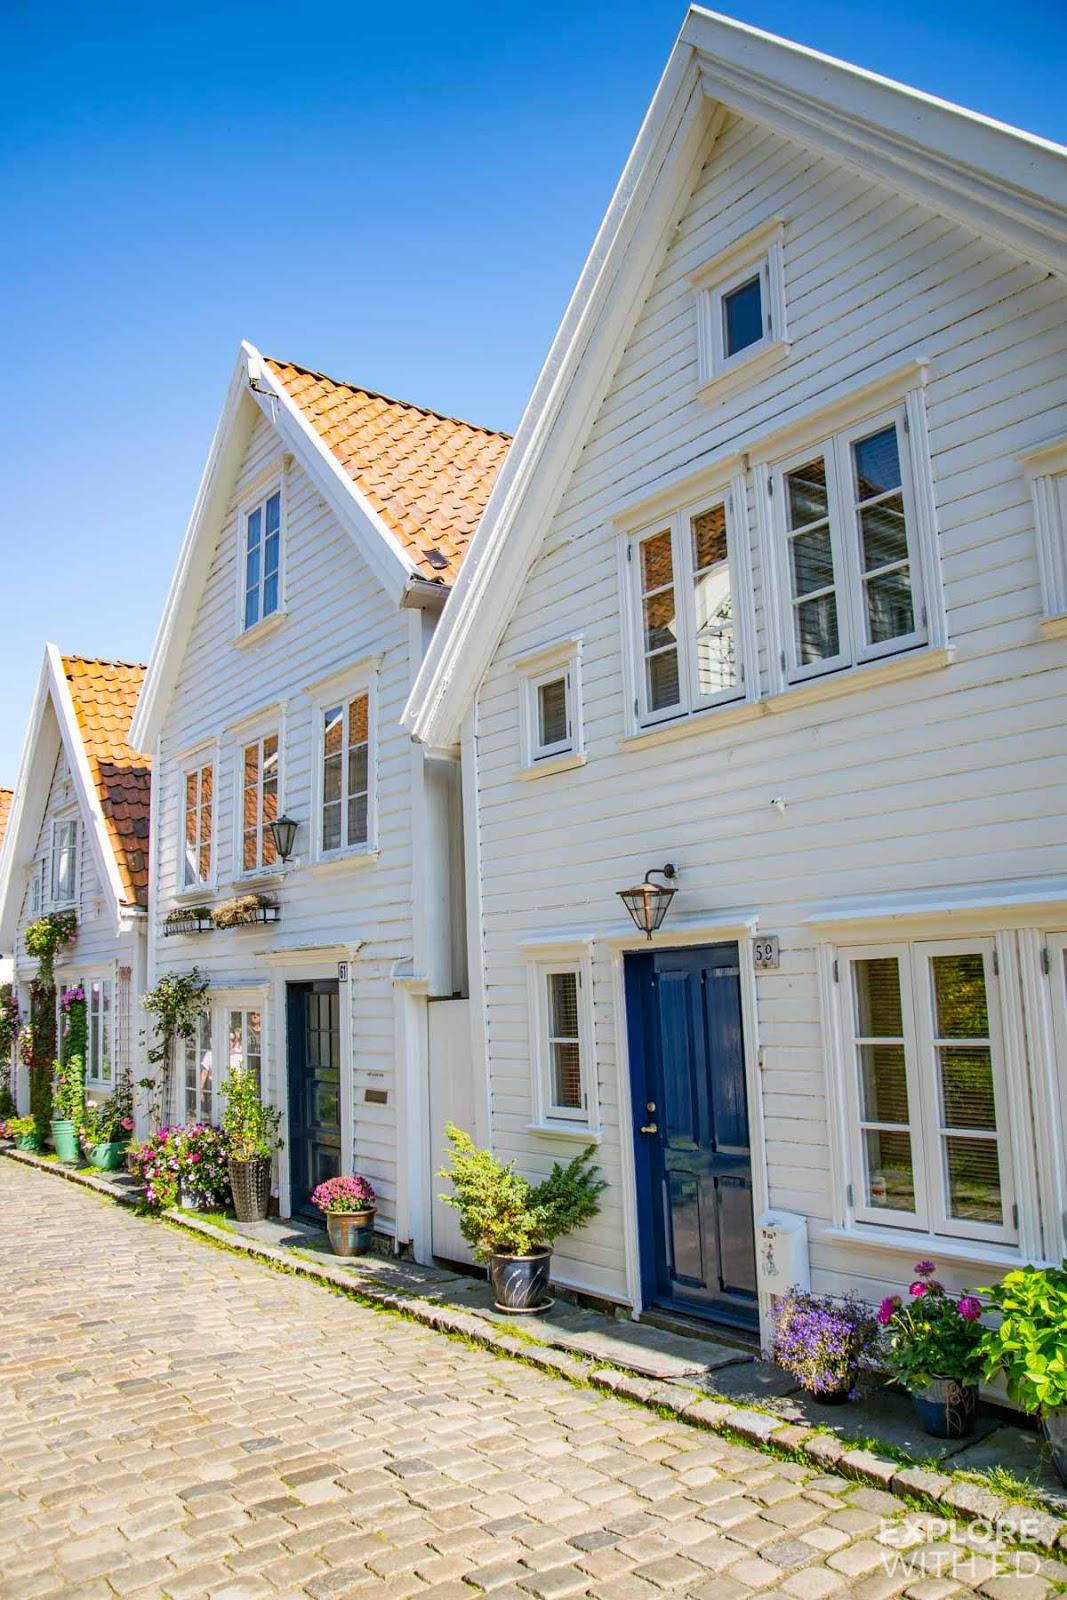 Norwegian Fjords cruise to Stavanger